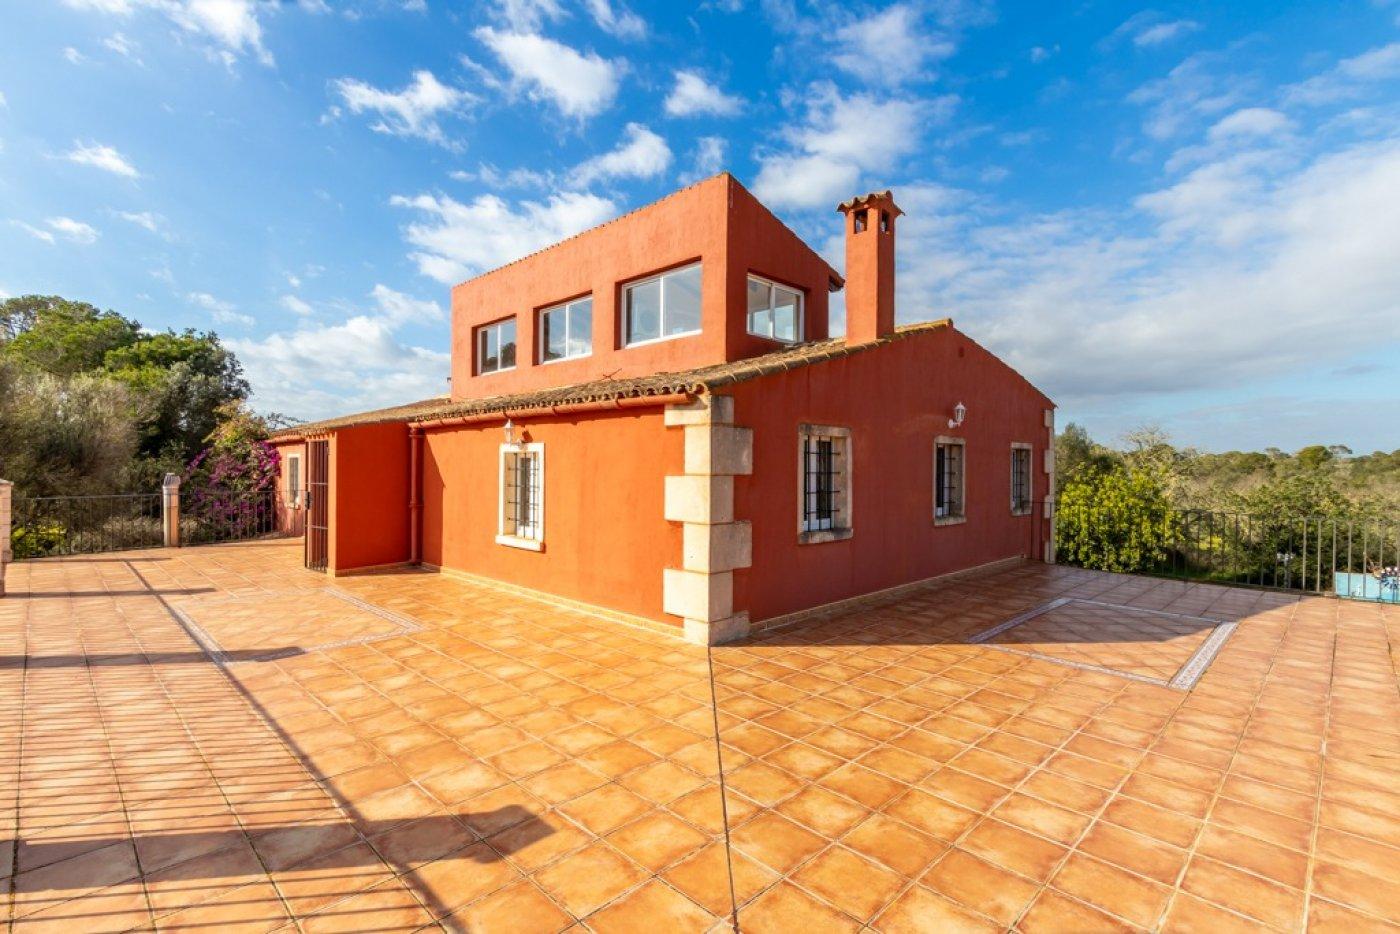 Magnifica villa en ses salines - can somni - ideal inversores turÍsticos - imagenInmueble21